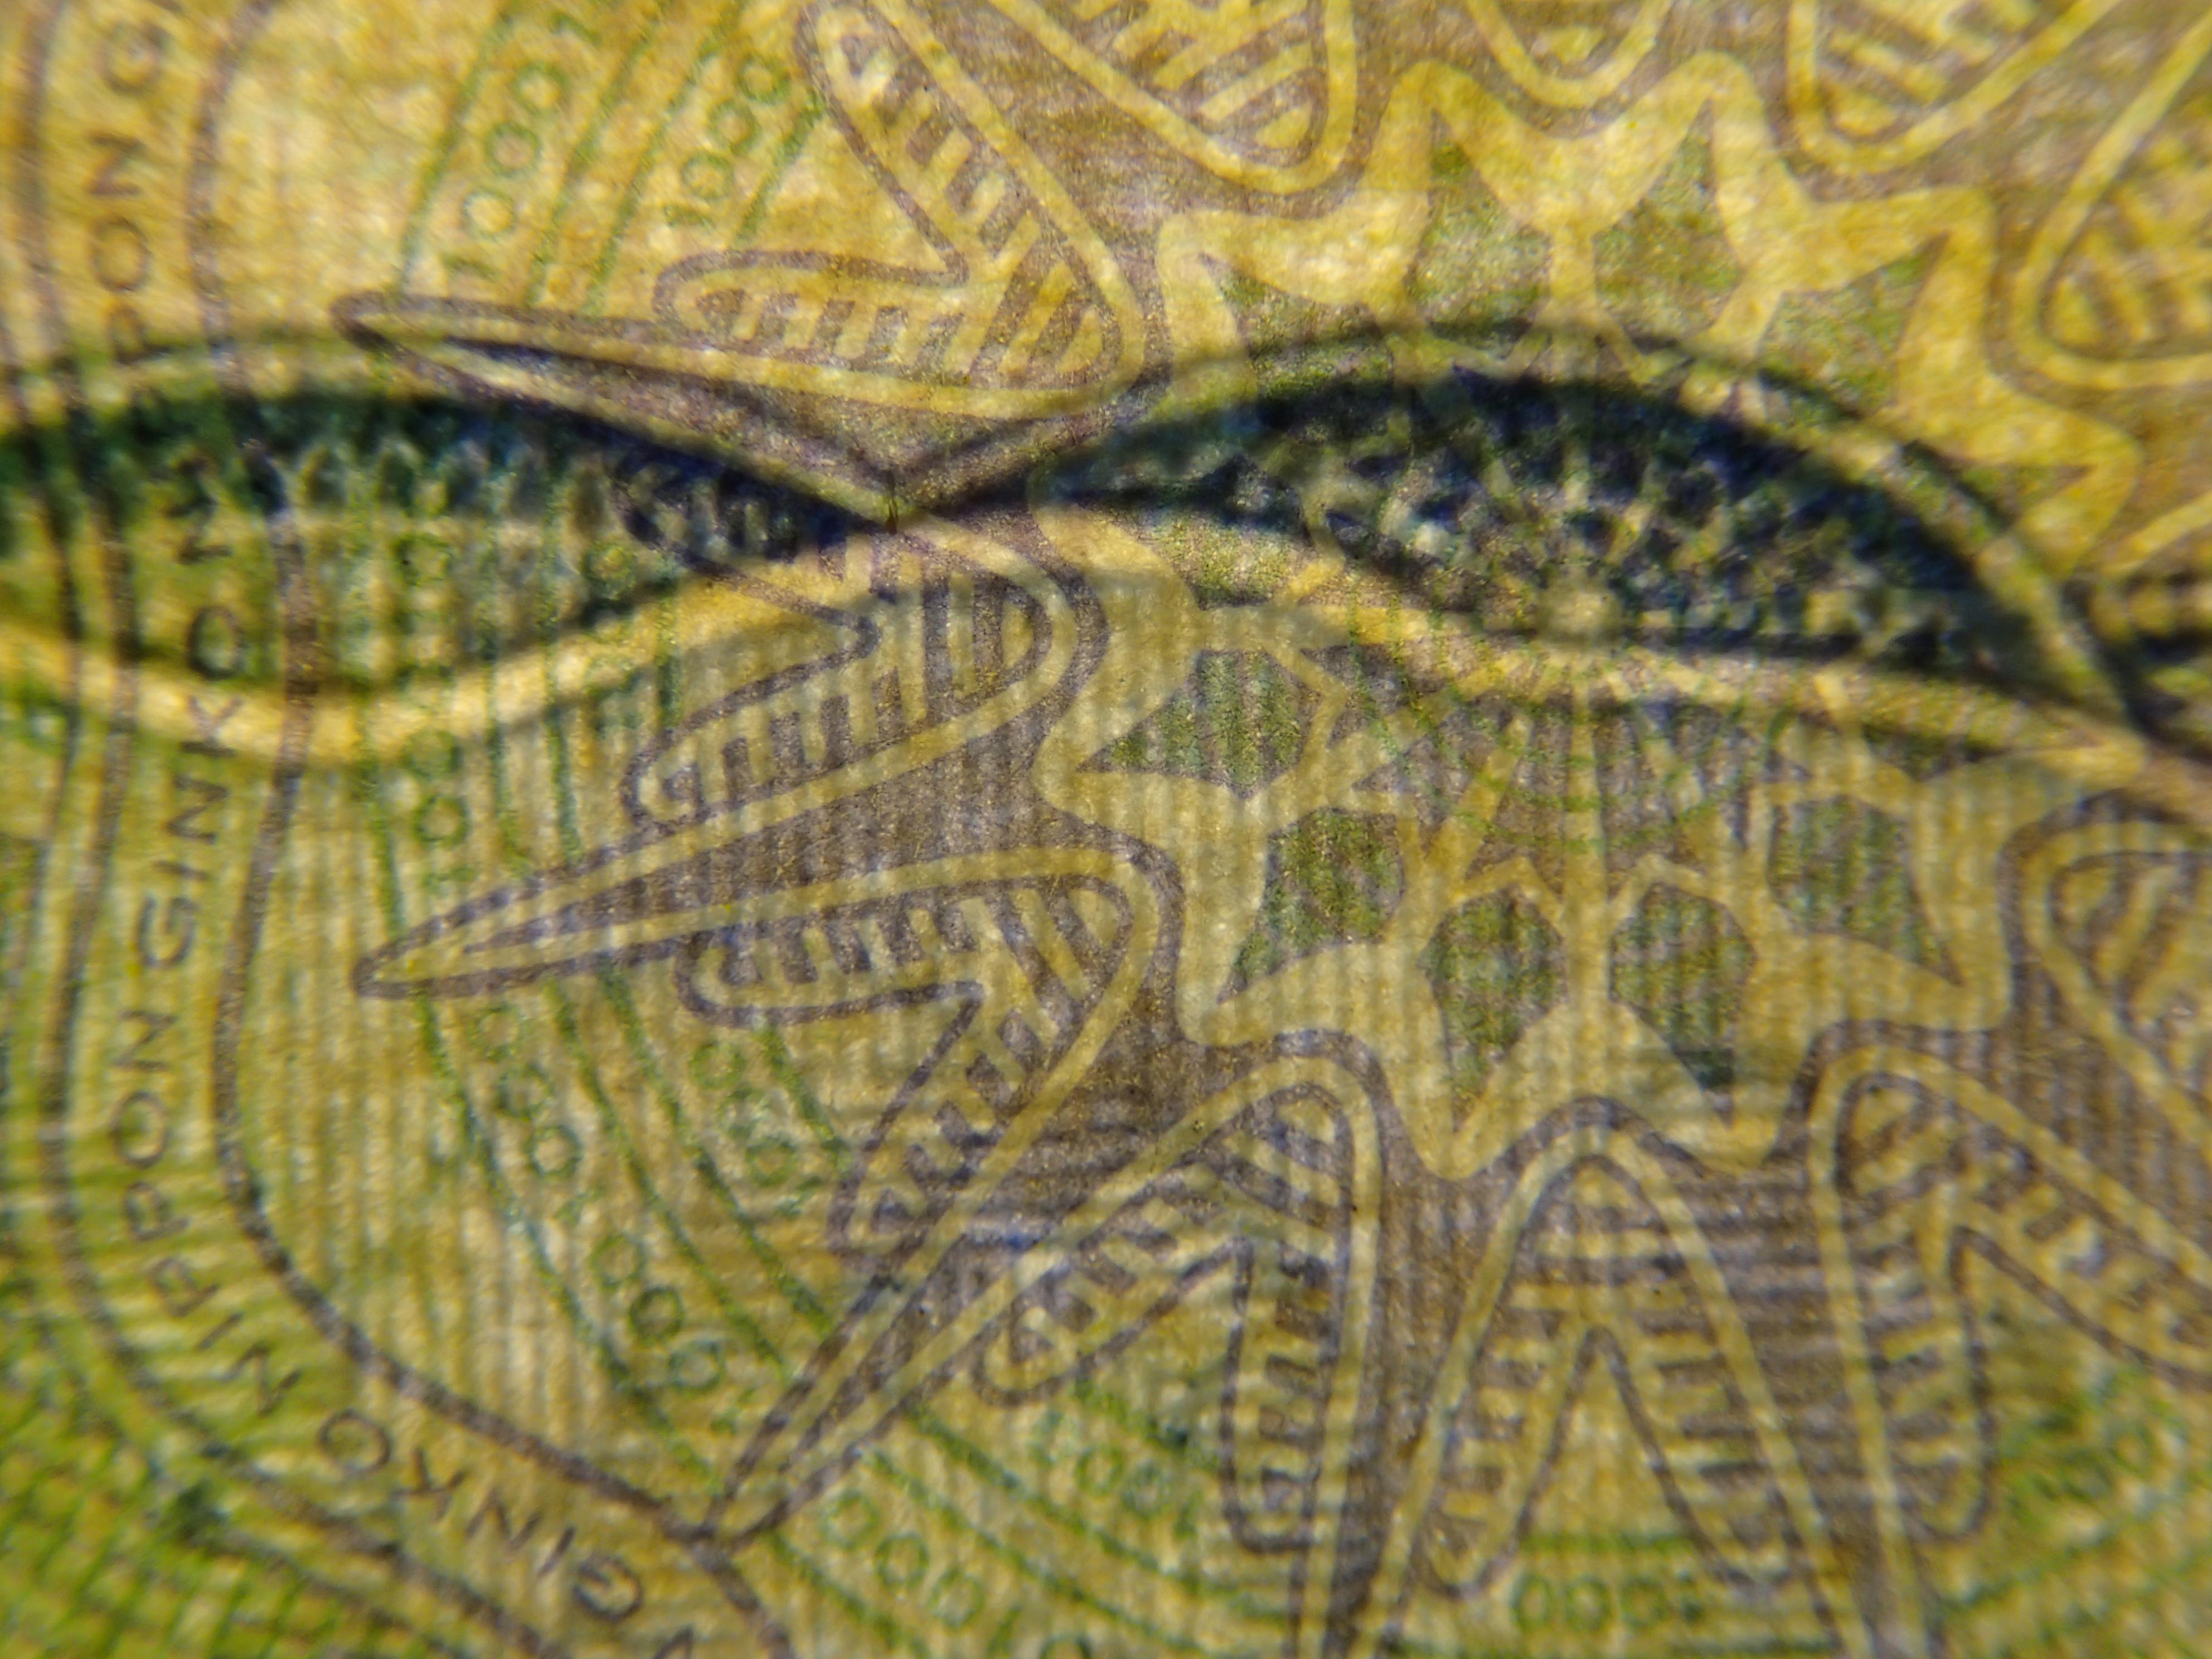 波間を漂うウニ? の用な模様は裏面の右下付近で発見。「NIPPONGINKO」や「1000」のマイクロ文字も漂っている。